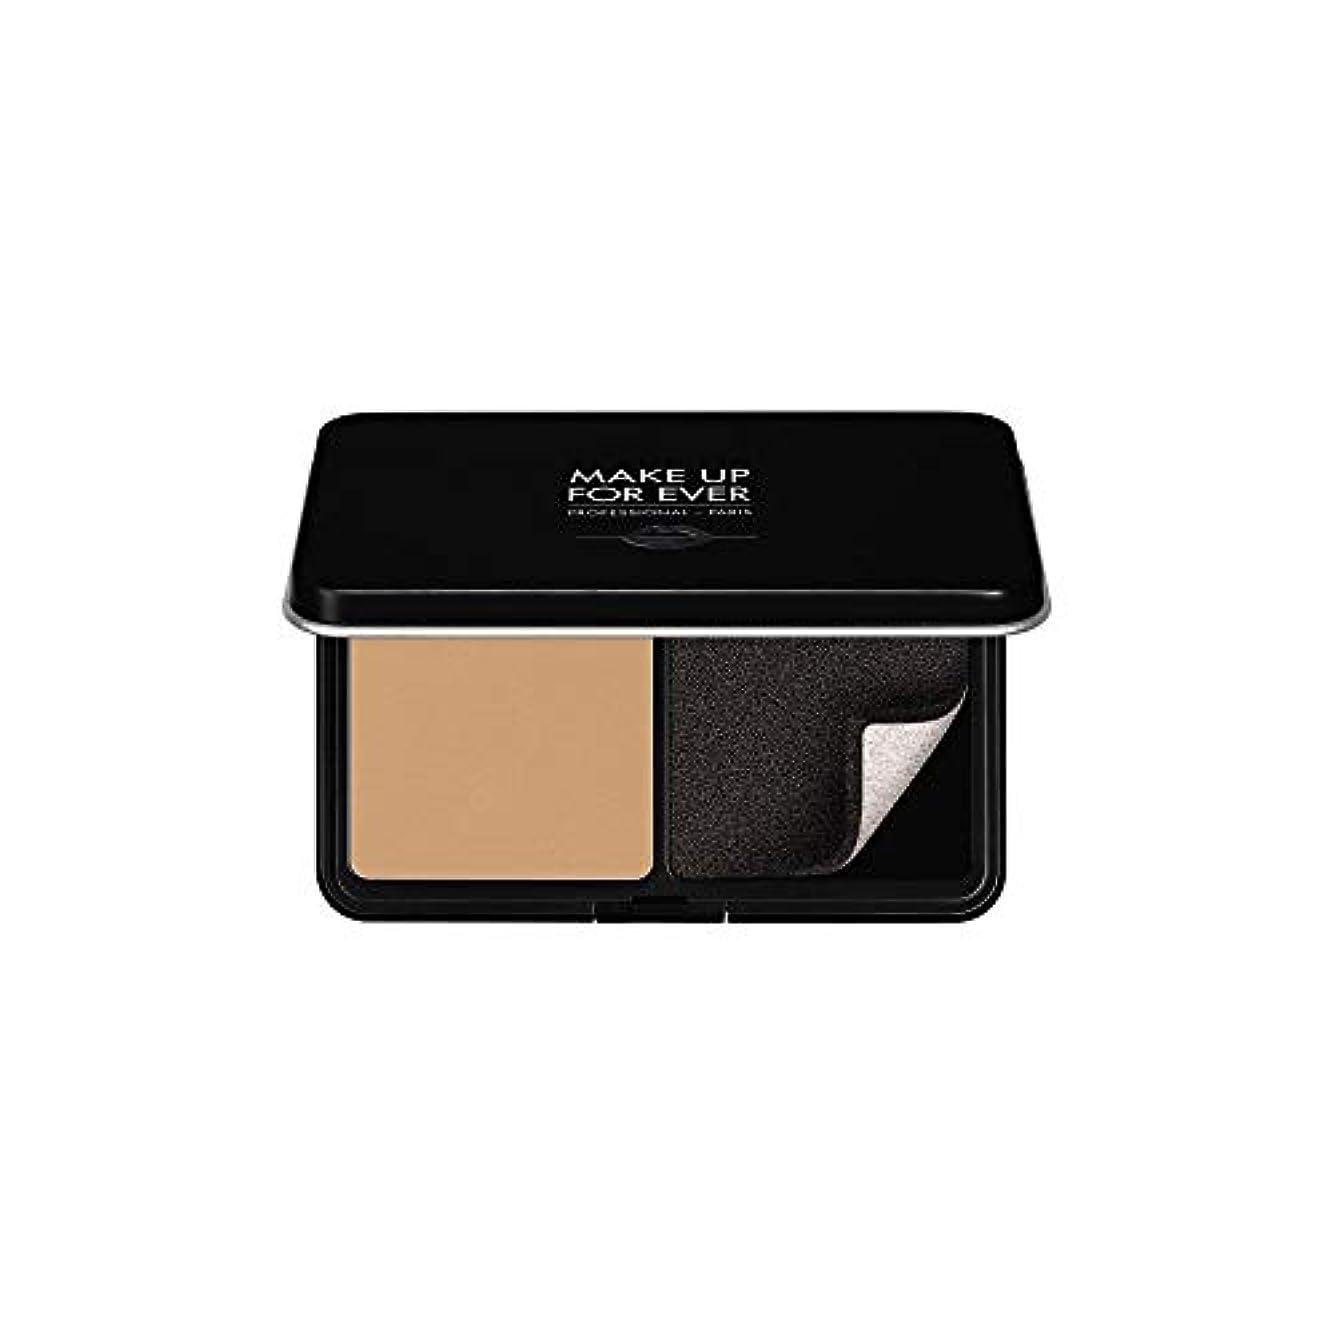 湿原コレクション臭いメイクアップフォーエバー Matte Velvet Skin Blurring Powder Foundation - # Y315 (Sand) 11g/0.38oz並行輸入品